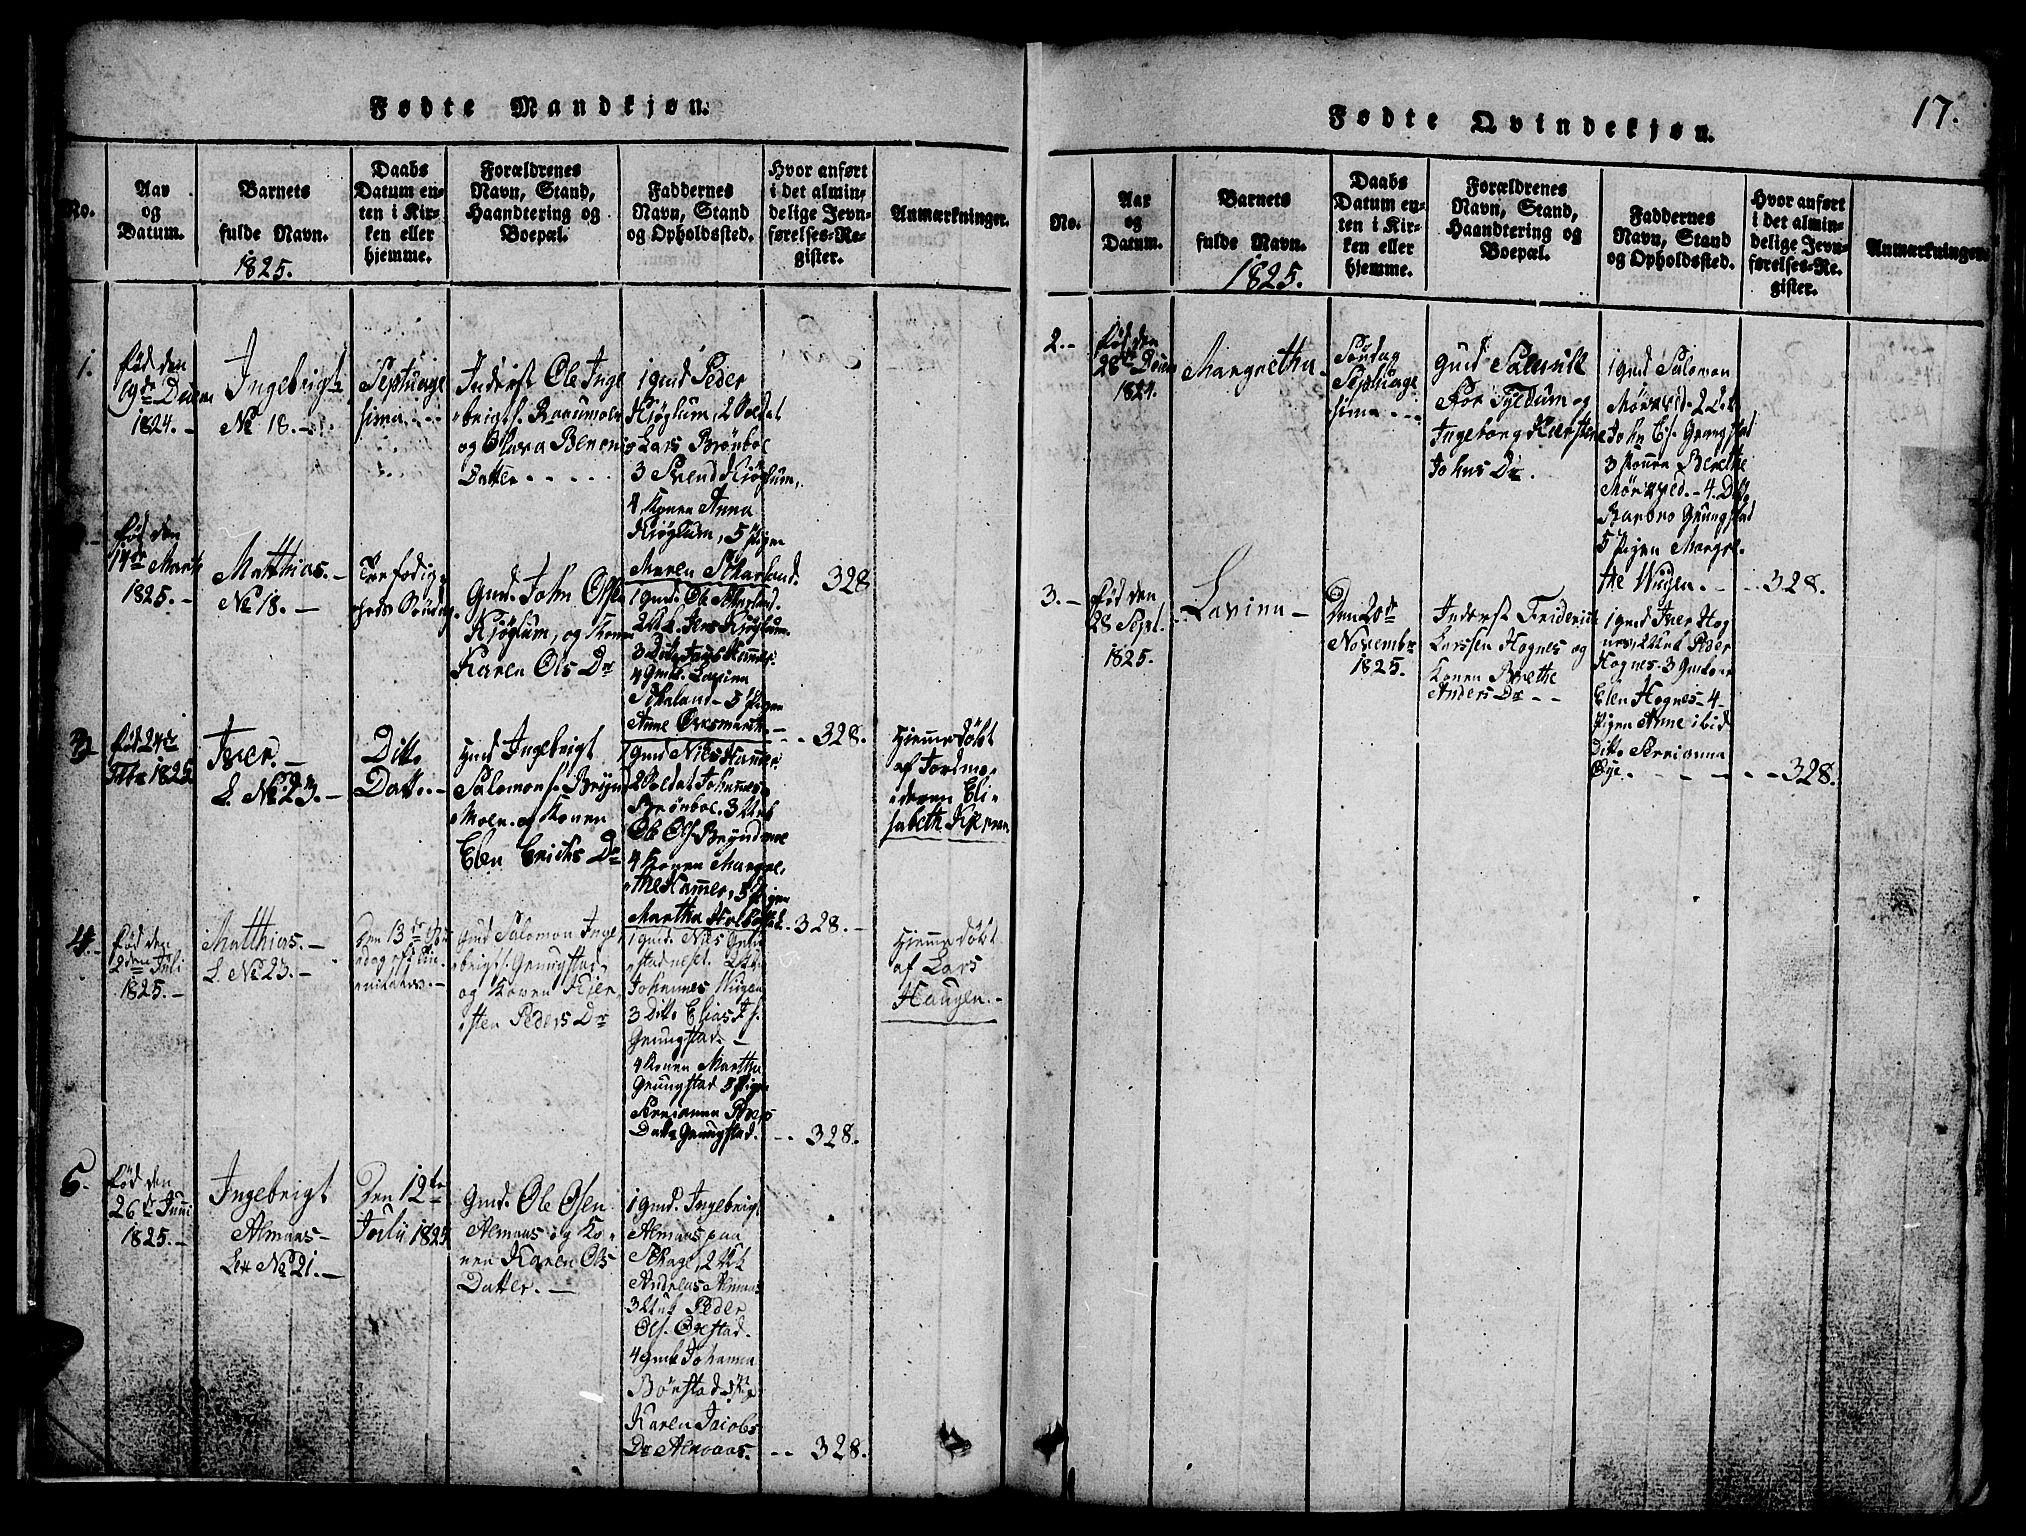 SAT, Ministerialprotokoller, klokkerbøker og fødselsregistre - Nord-Trøndelag, 765/L0562: Klokkerbok nr. 765C01, 1817-1851, s. 17